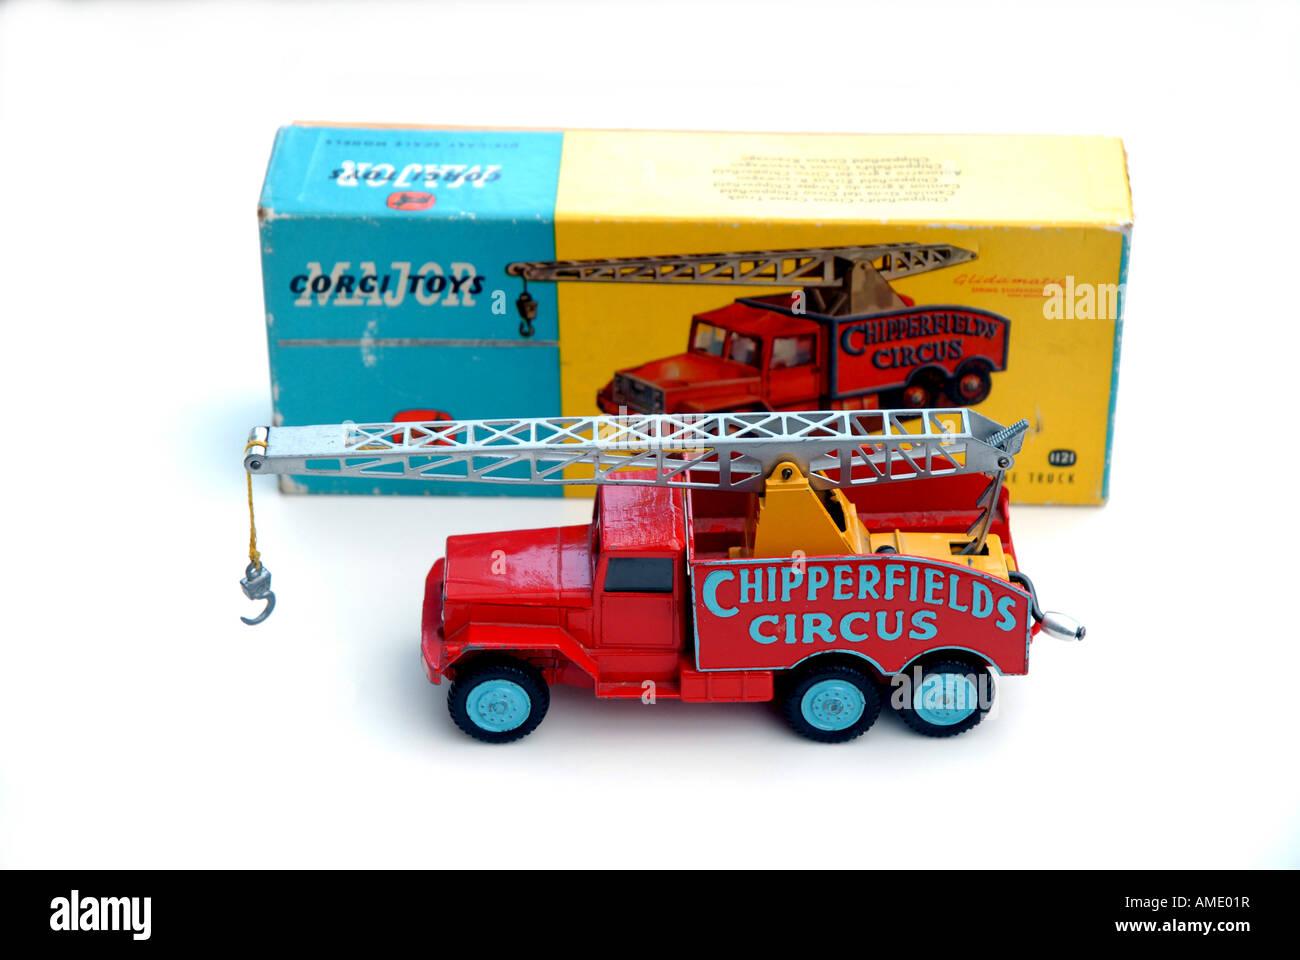 Vintage Toys Stock Photos & Vintage Toys Stock Images - Alamy